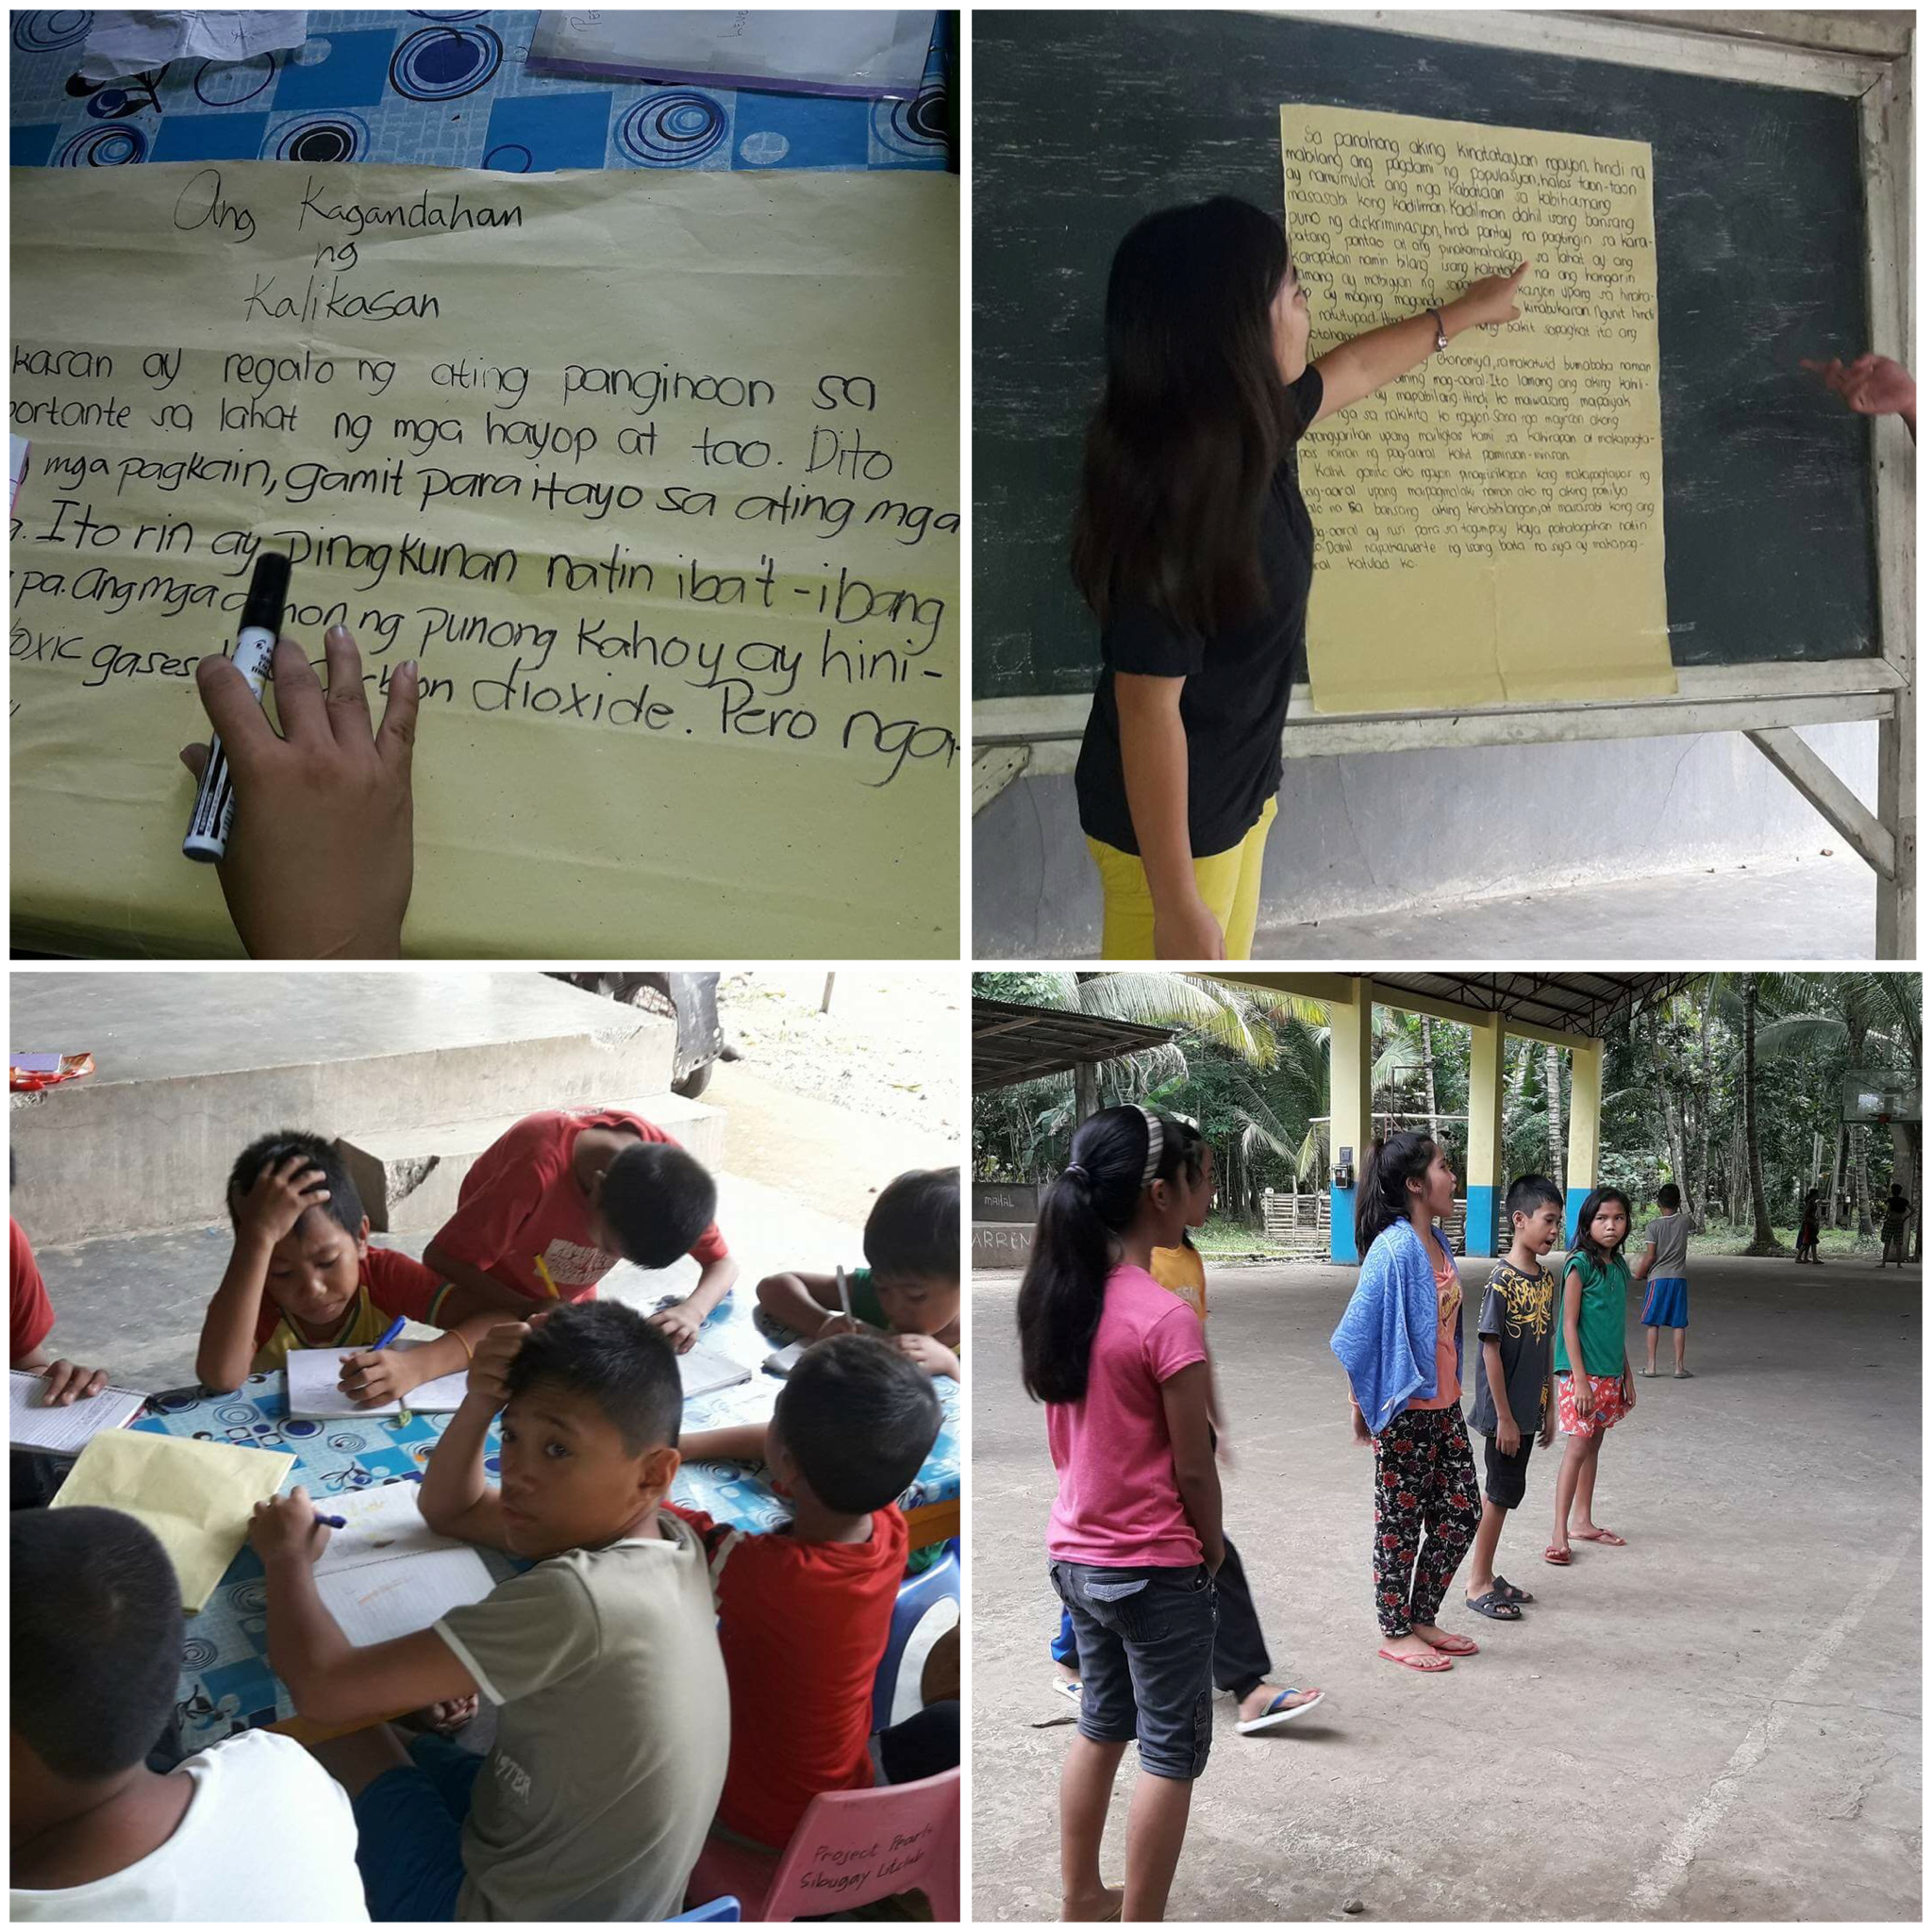 LitClub Zamboanga Sibugay Update: Confidence and Speech - Project